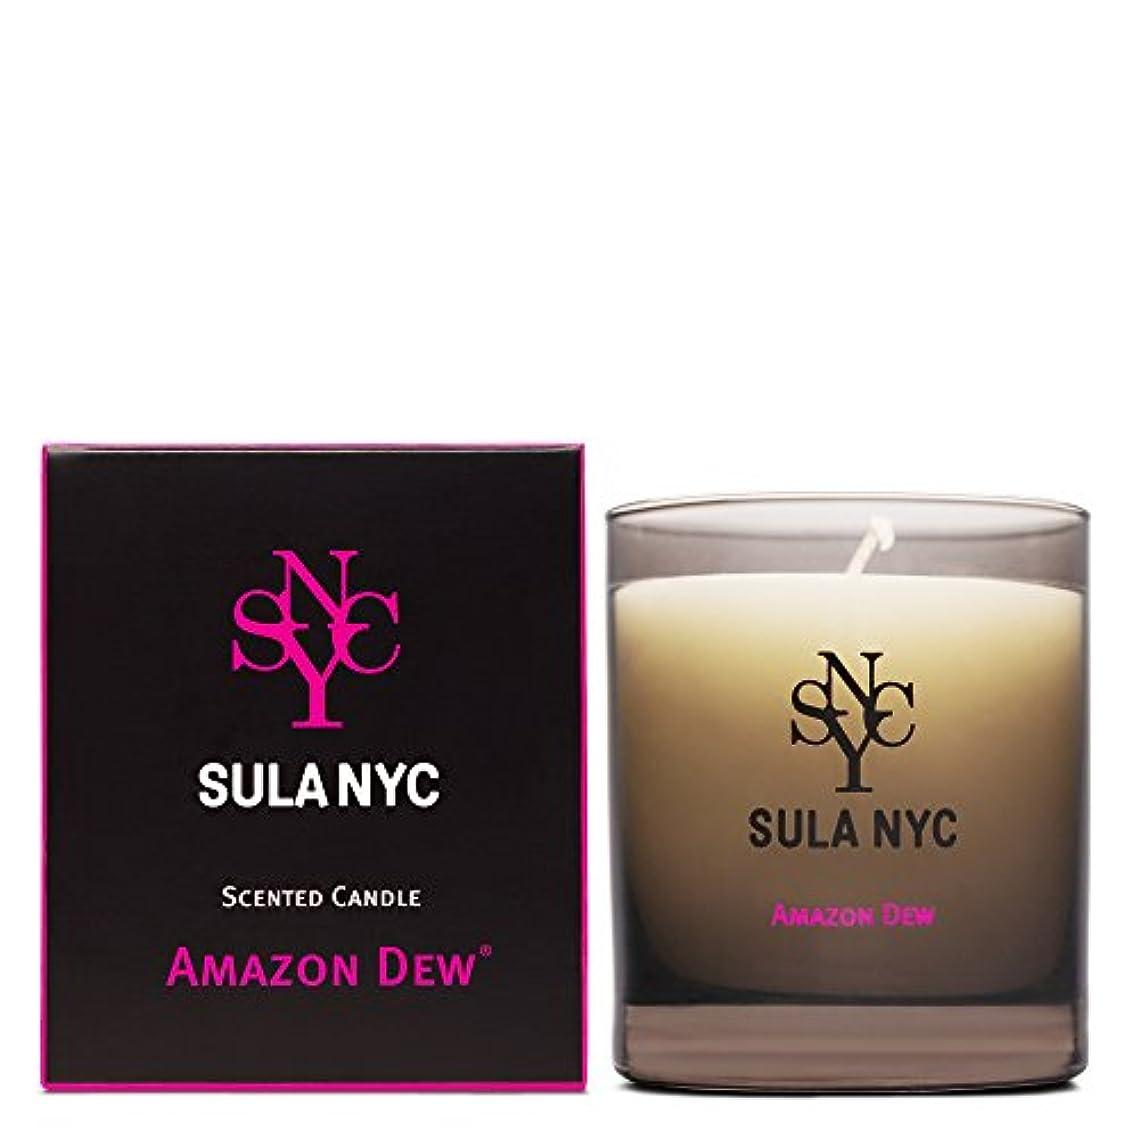 苦悩拮抗する仕様SULA NYC SCENTED CANDLE AMAZON DEW スーラNYCセンティッドキャンドル アマゾン?デュー